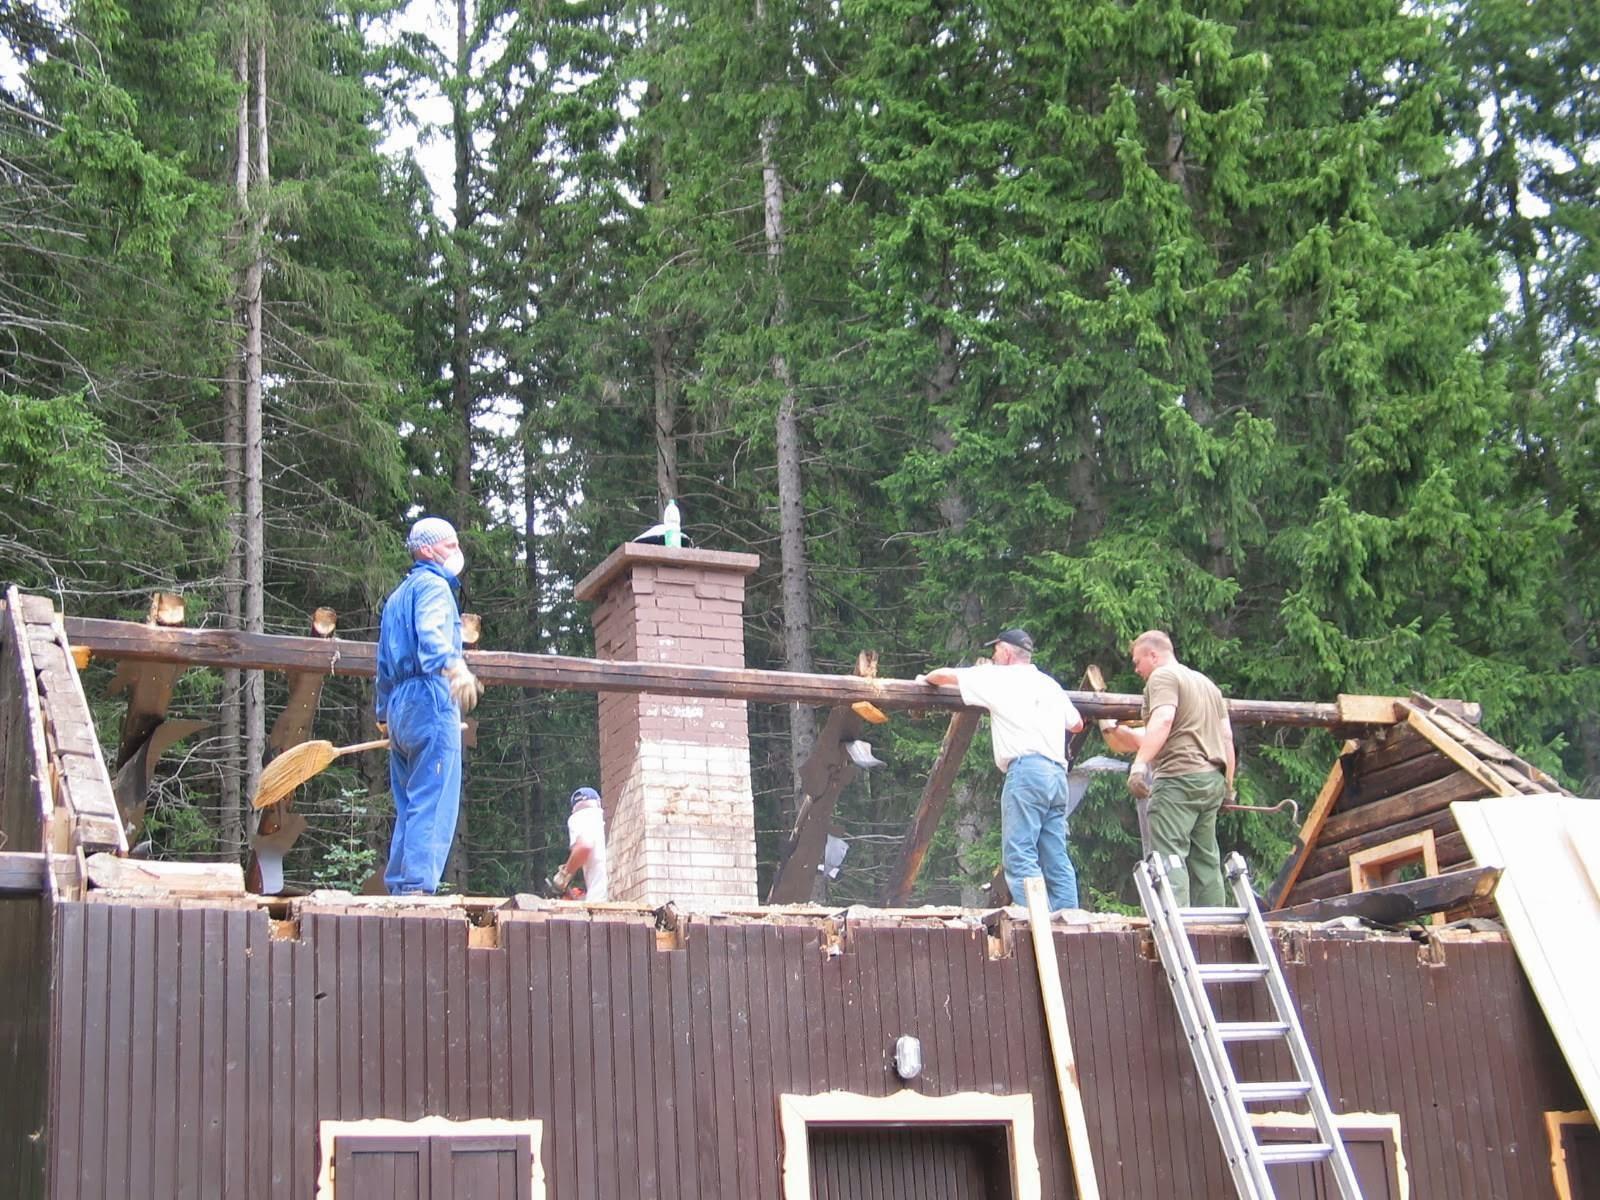 Delovna akcija - Streha, Črni dol 2006 - streha%2B123.jpg